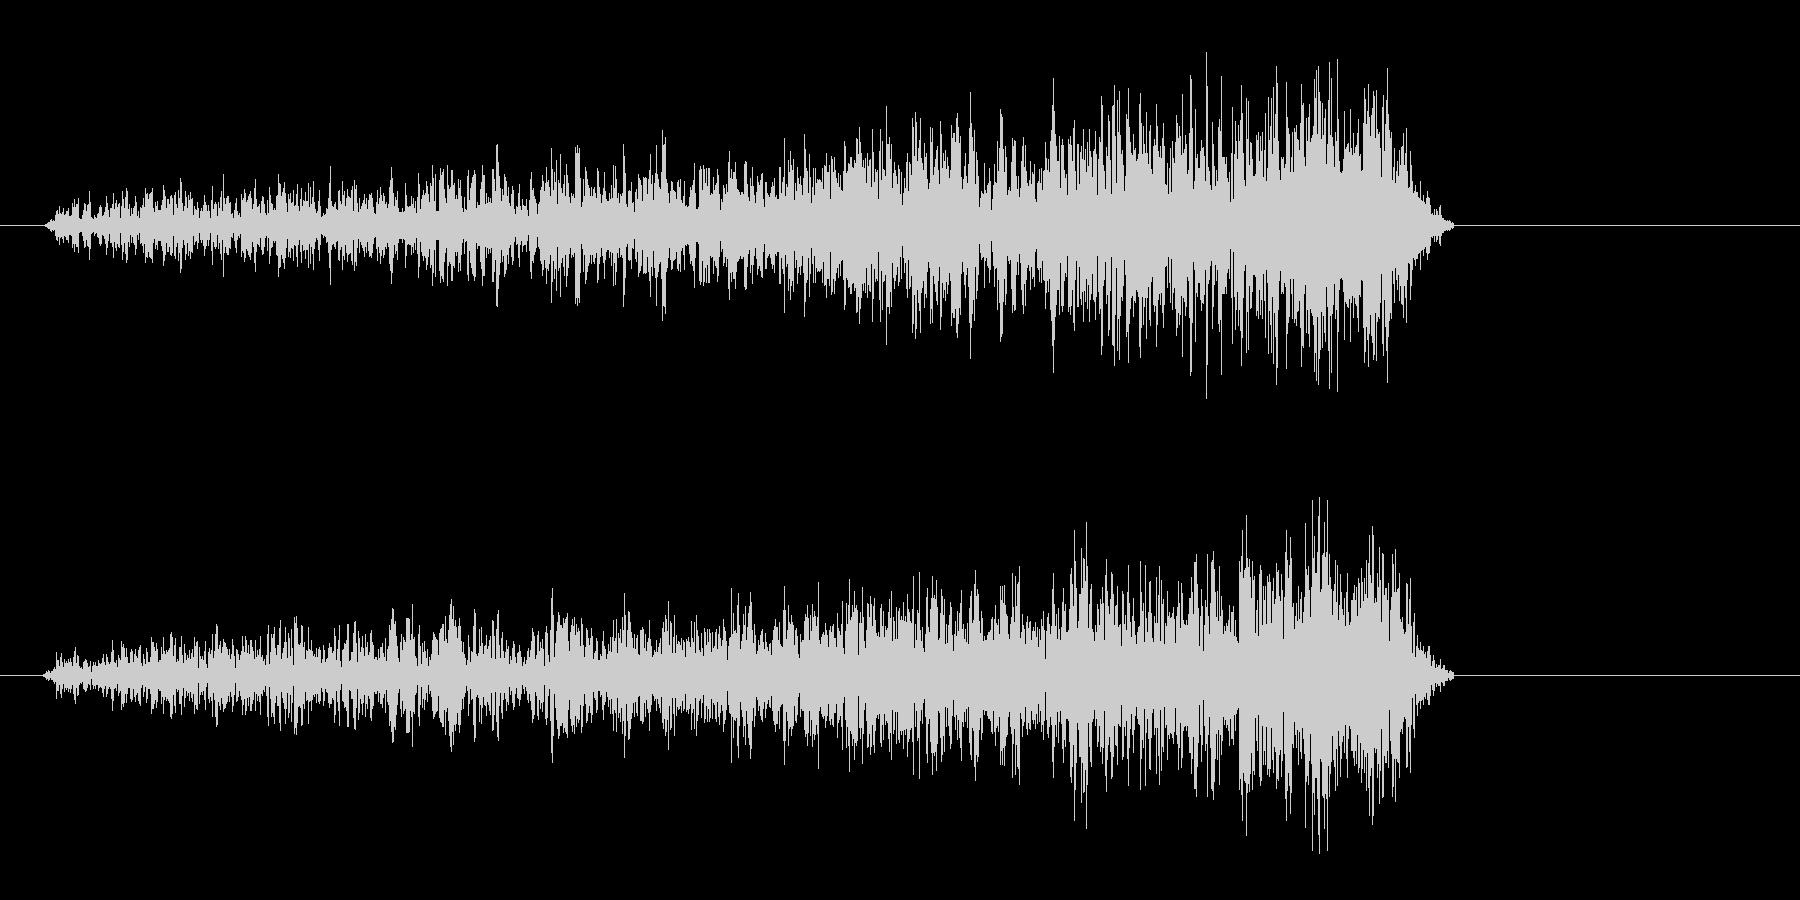 シューイッ(決定音、紙の摩擦音)の未再生の波形